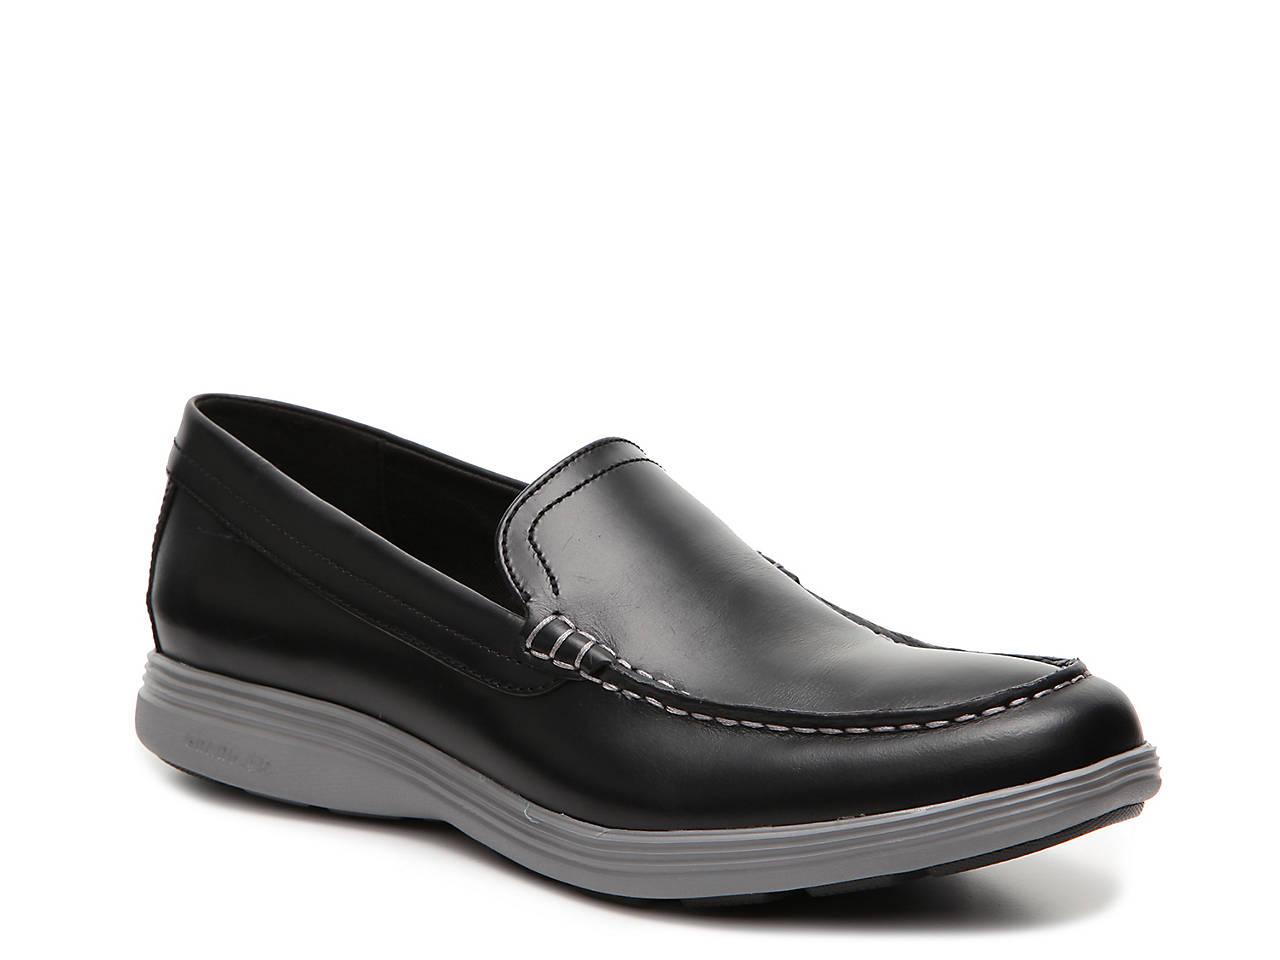 3e7edeacdb7 Cole Haan Grand Tour Venetian Slip-On Men s Shoes